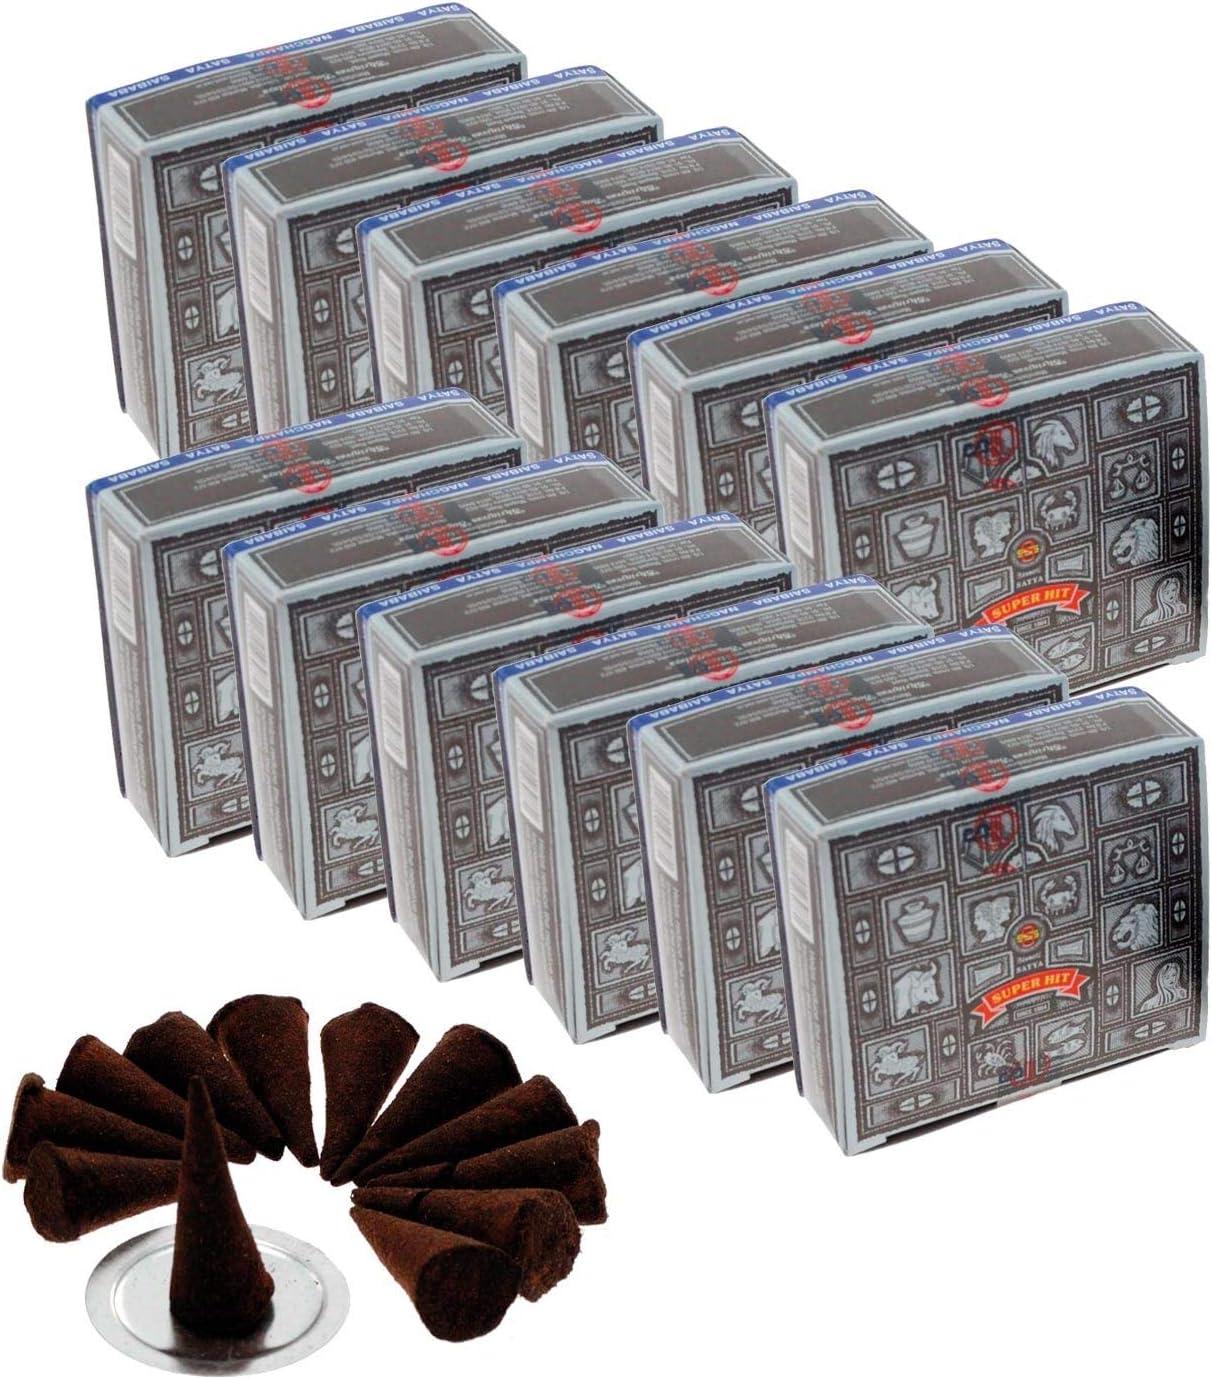 Satya Nag Champa Super Hit Incense Cones, 12 packs of 12